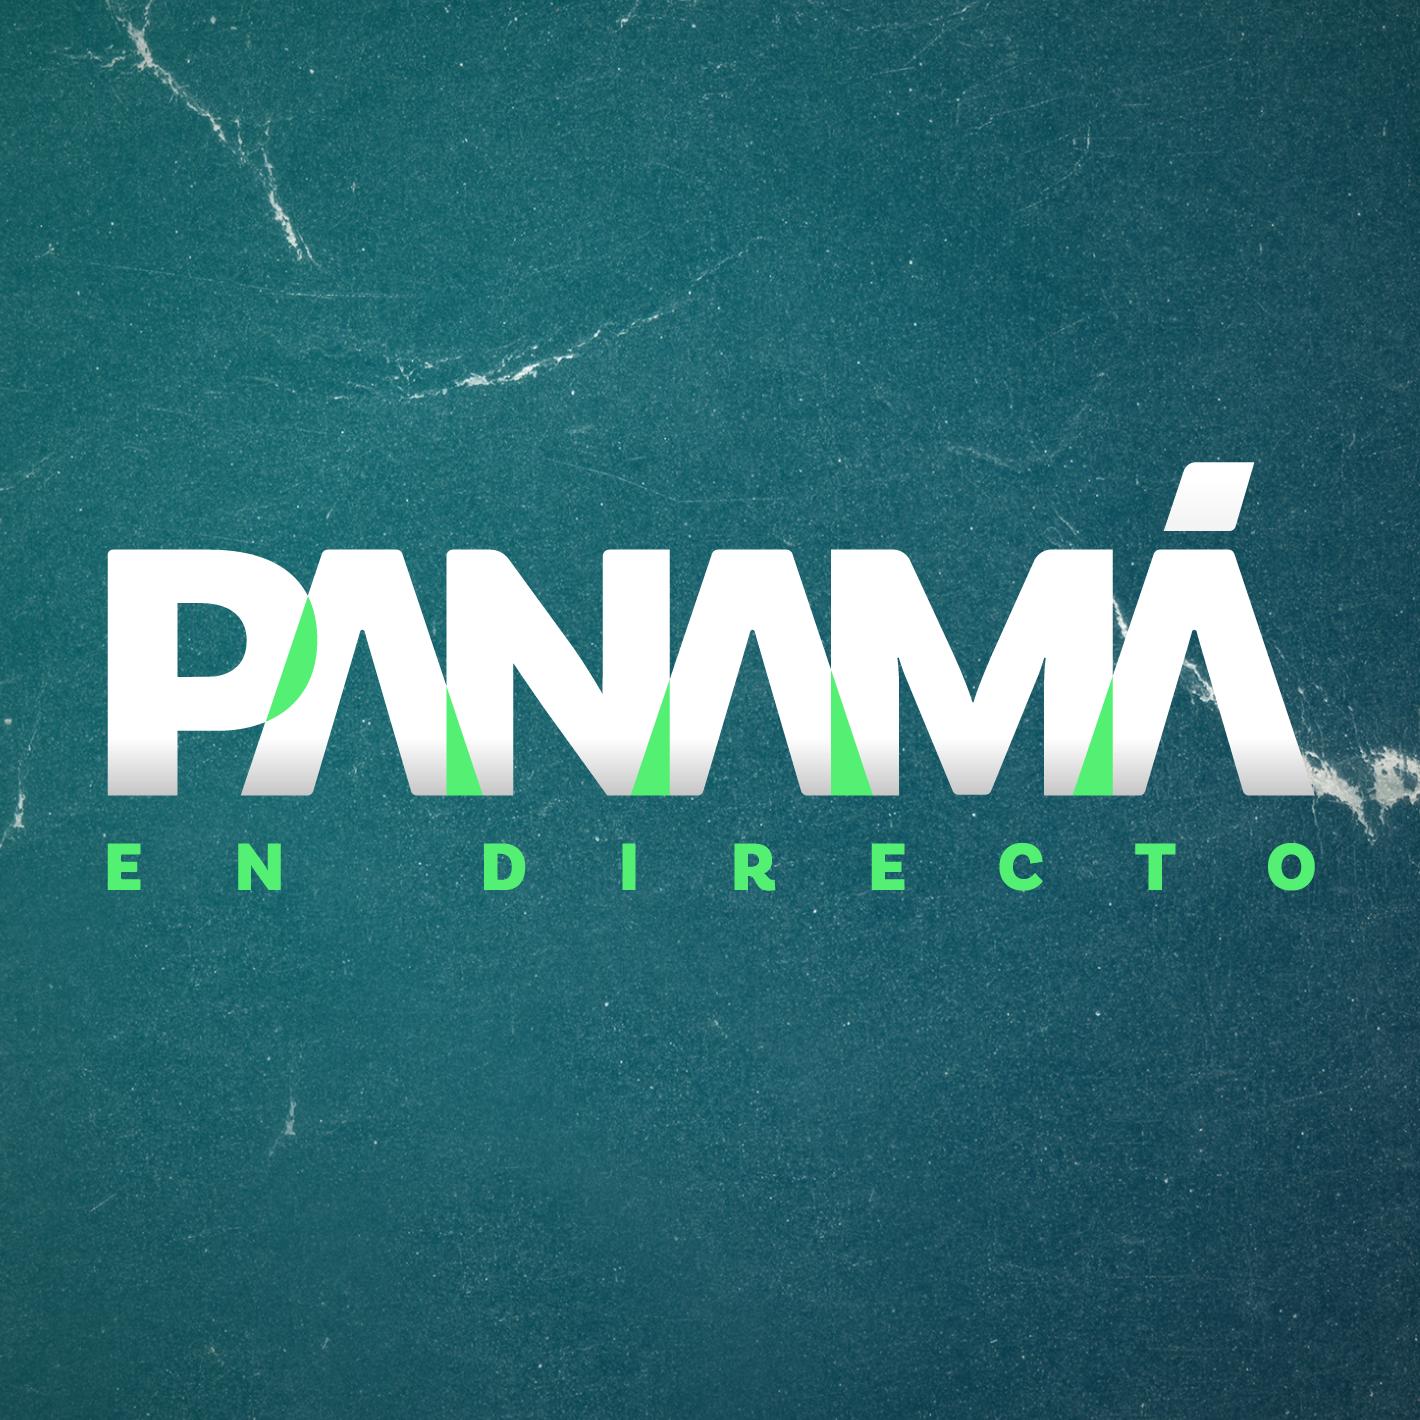 Panamá En Directo